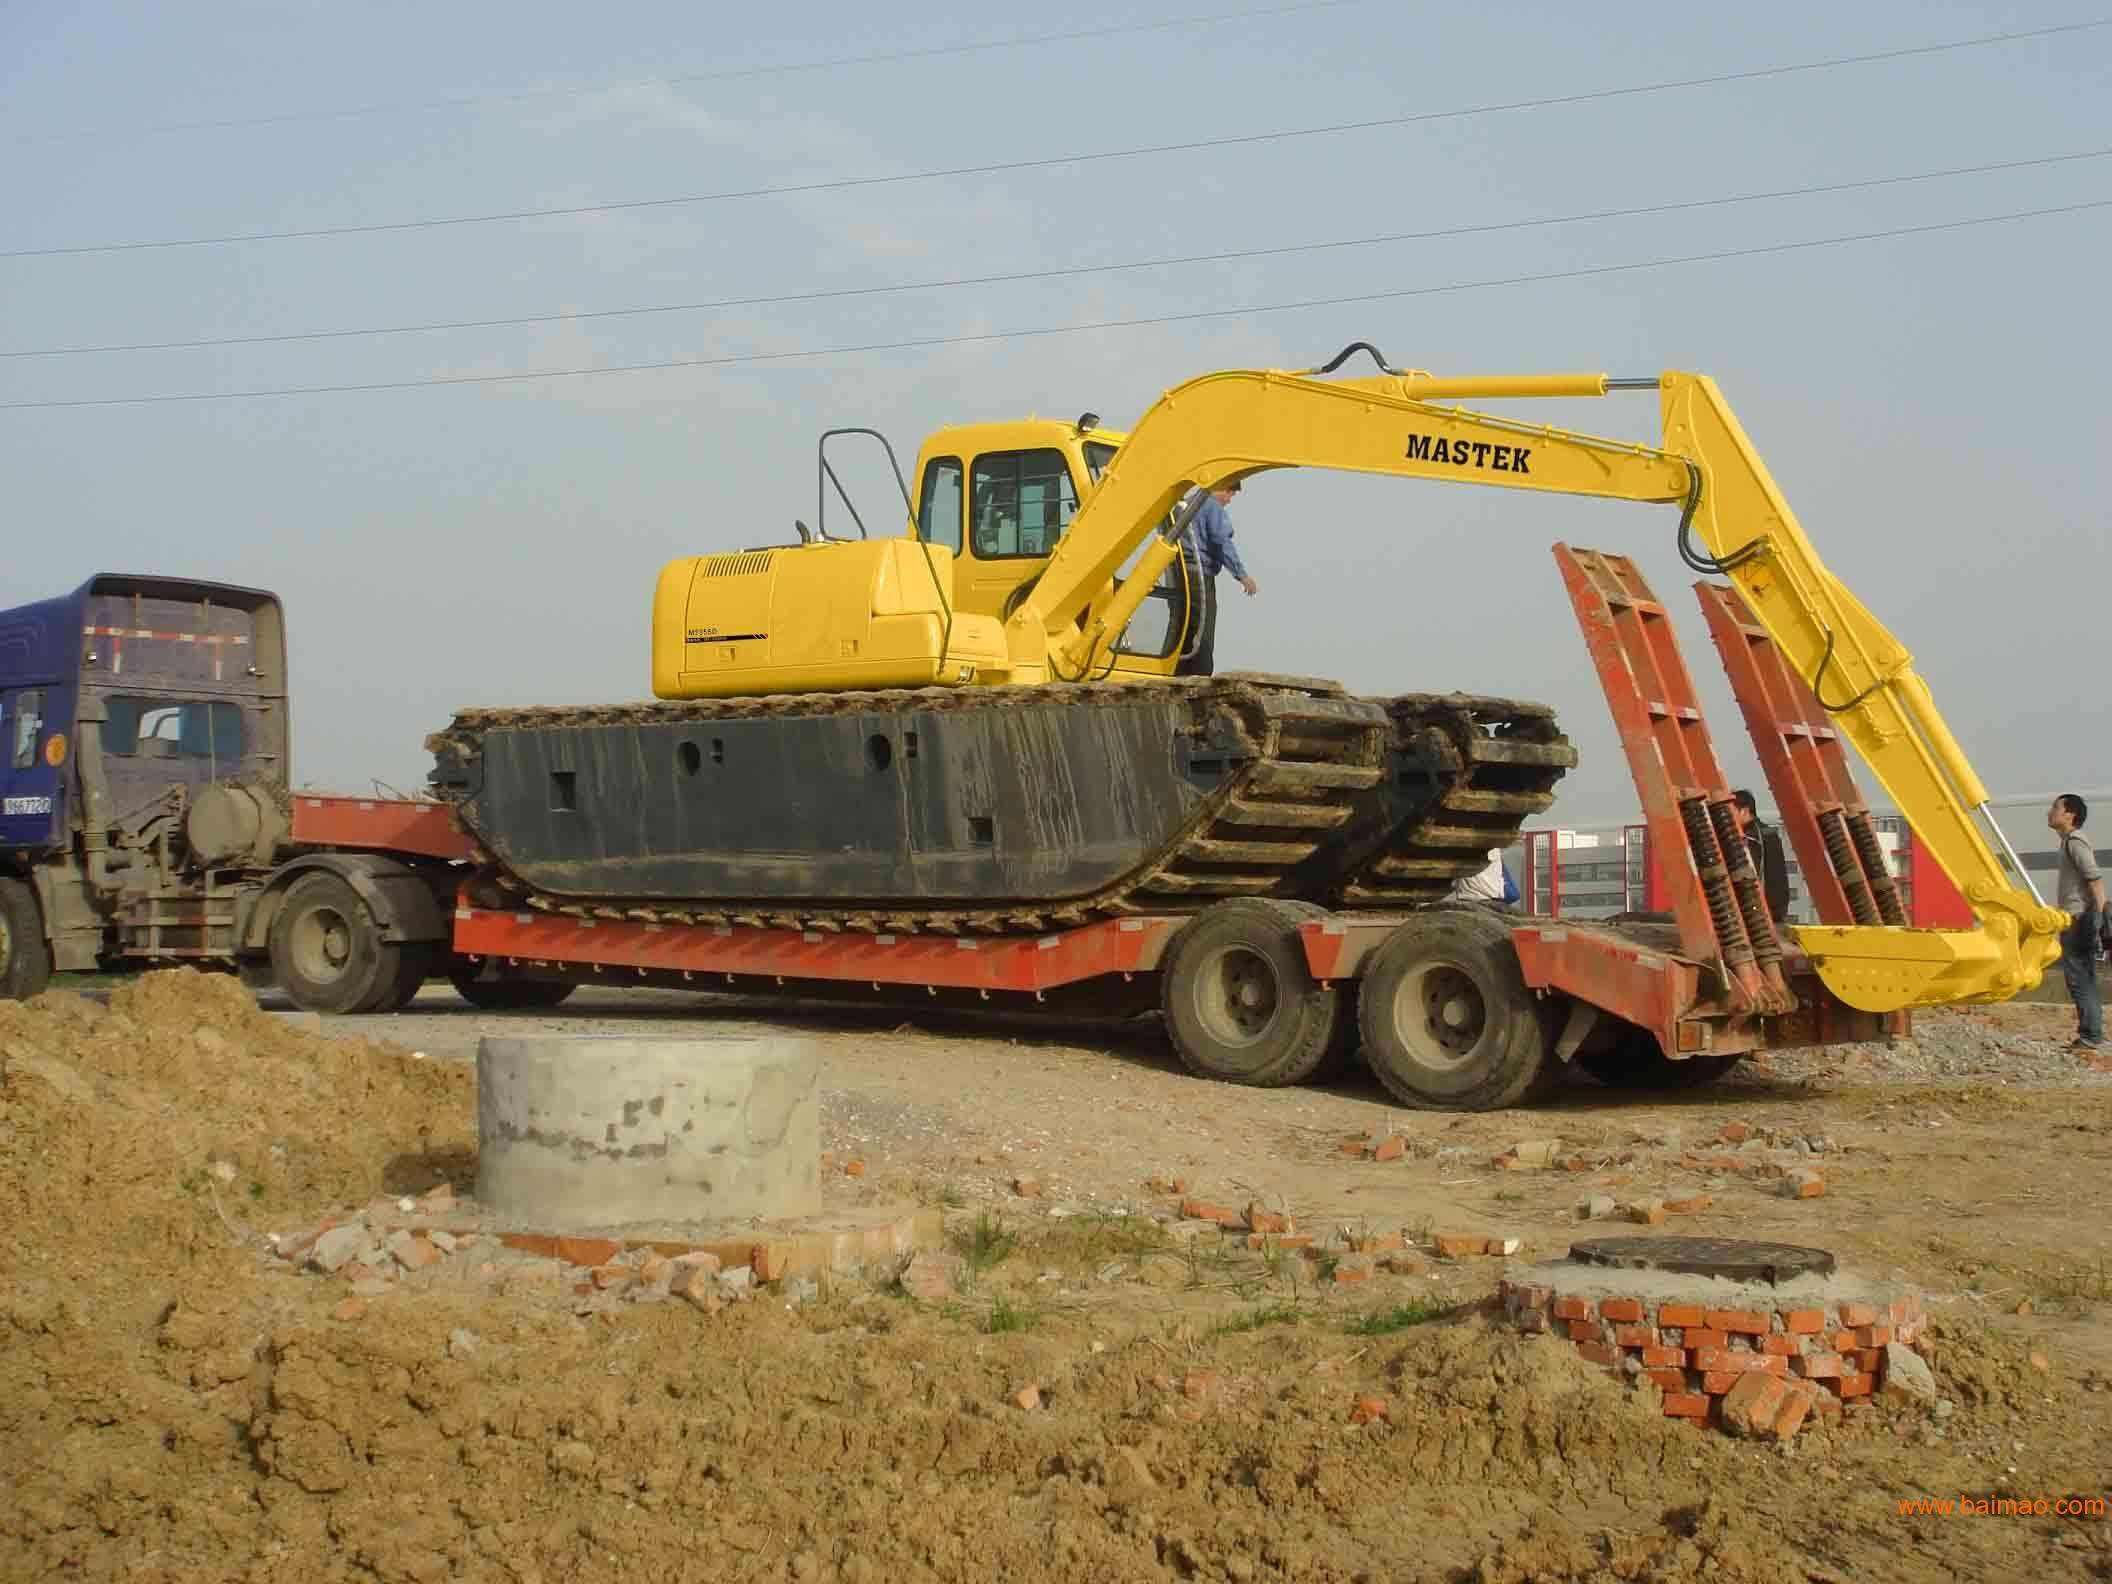 齐齐哈尔水陆挖机出租费用 欢迎来电垂询